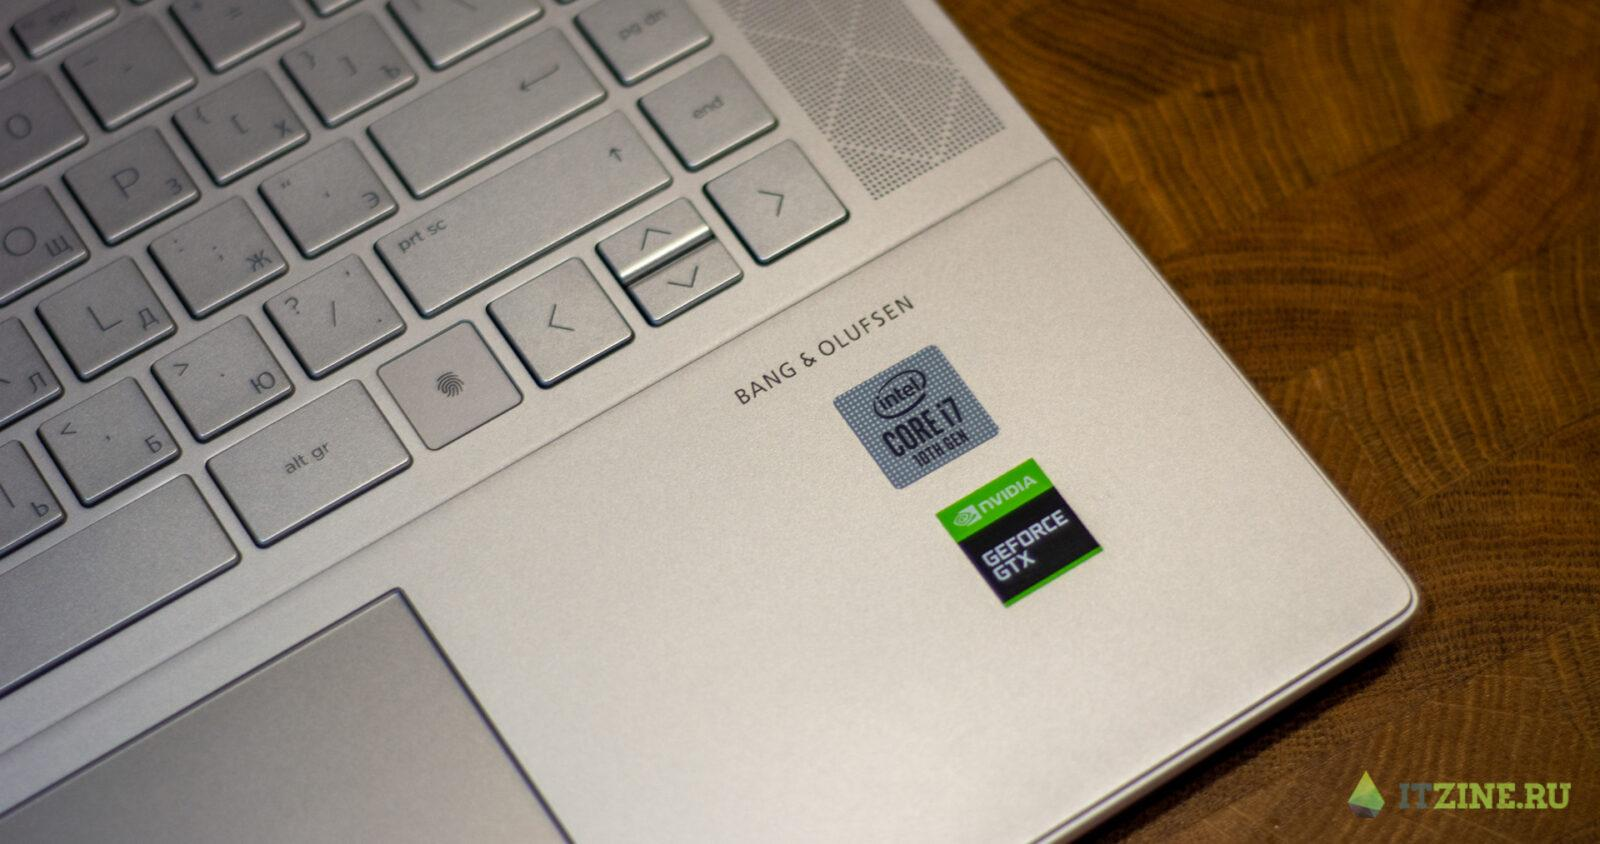 Обзор ноутбука HP Envy 15: мощь для создателей графического контента (hp envy 09)